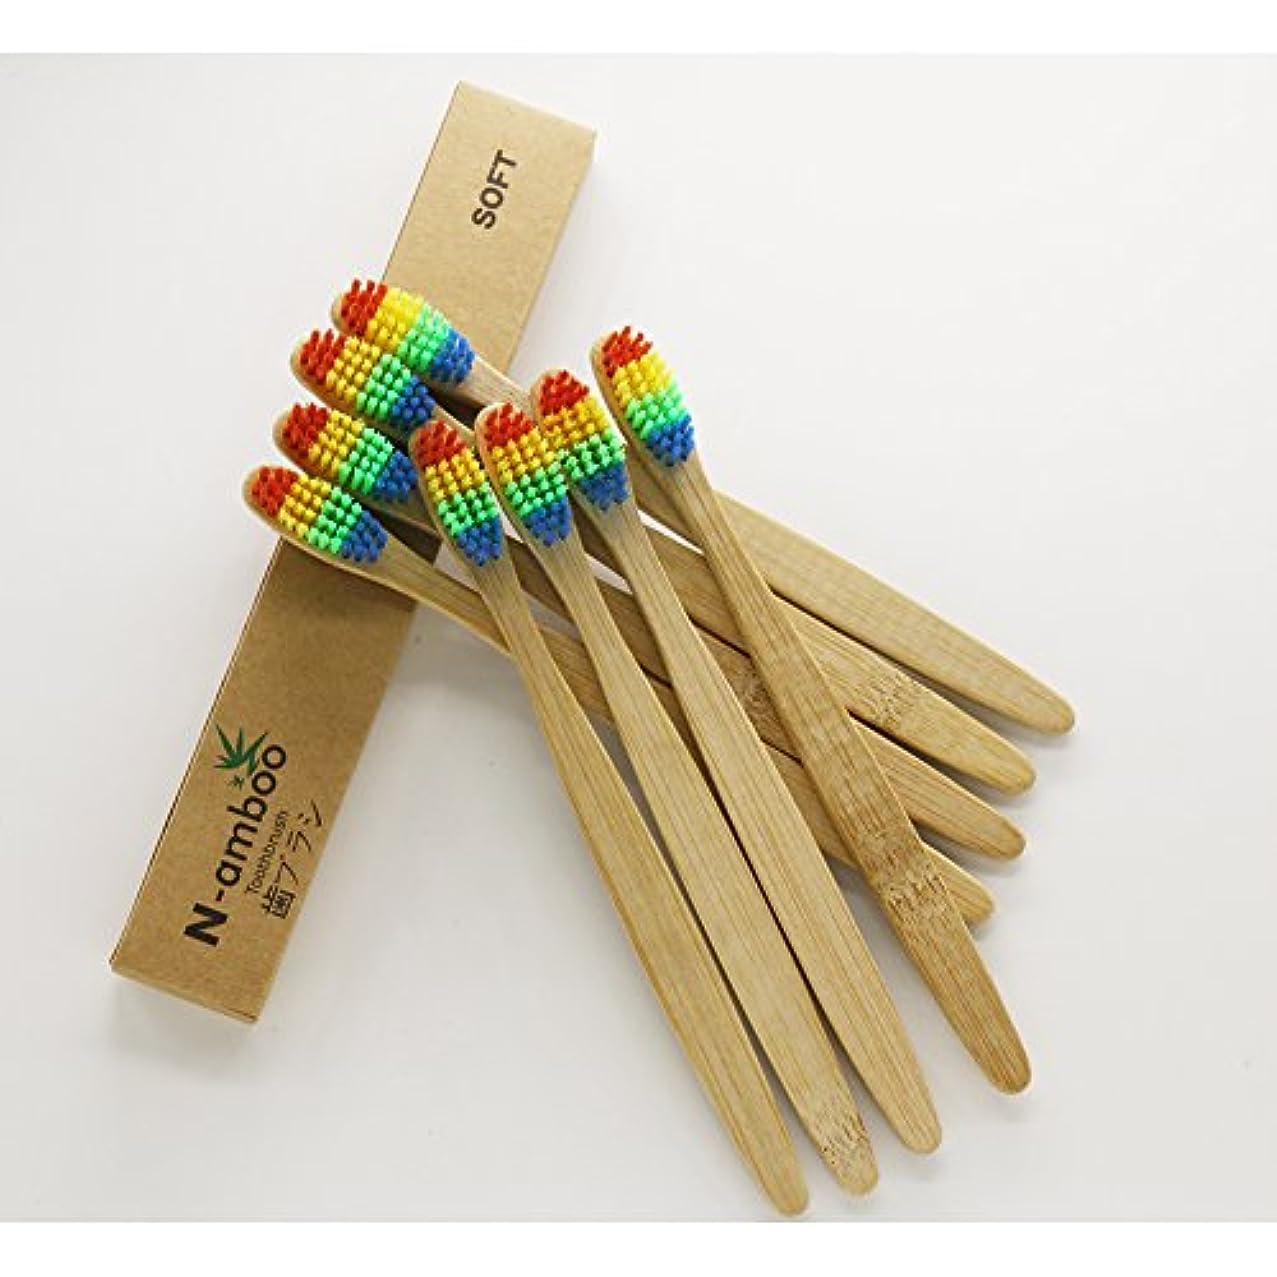 きょうだい指定見えないN-amboo 竹製 耐久度高い 歯ブラシ 四色 虹(にじ) 8本入り ファミリー セット